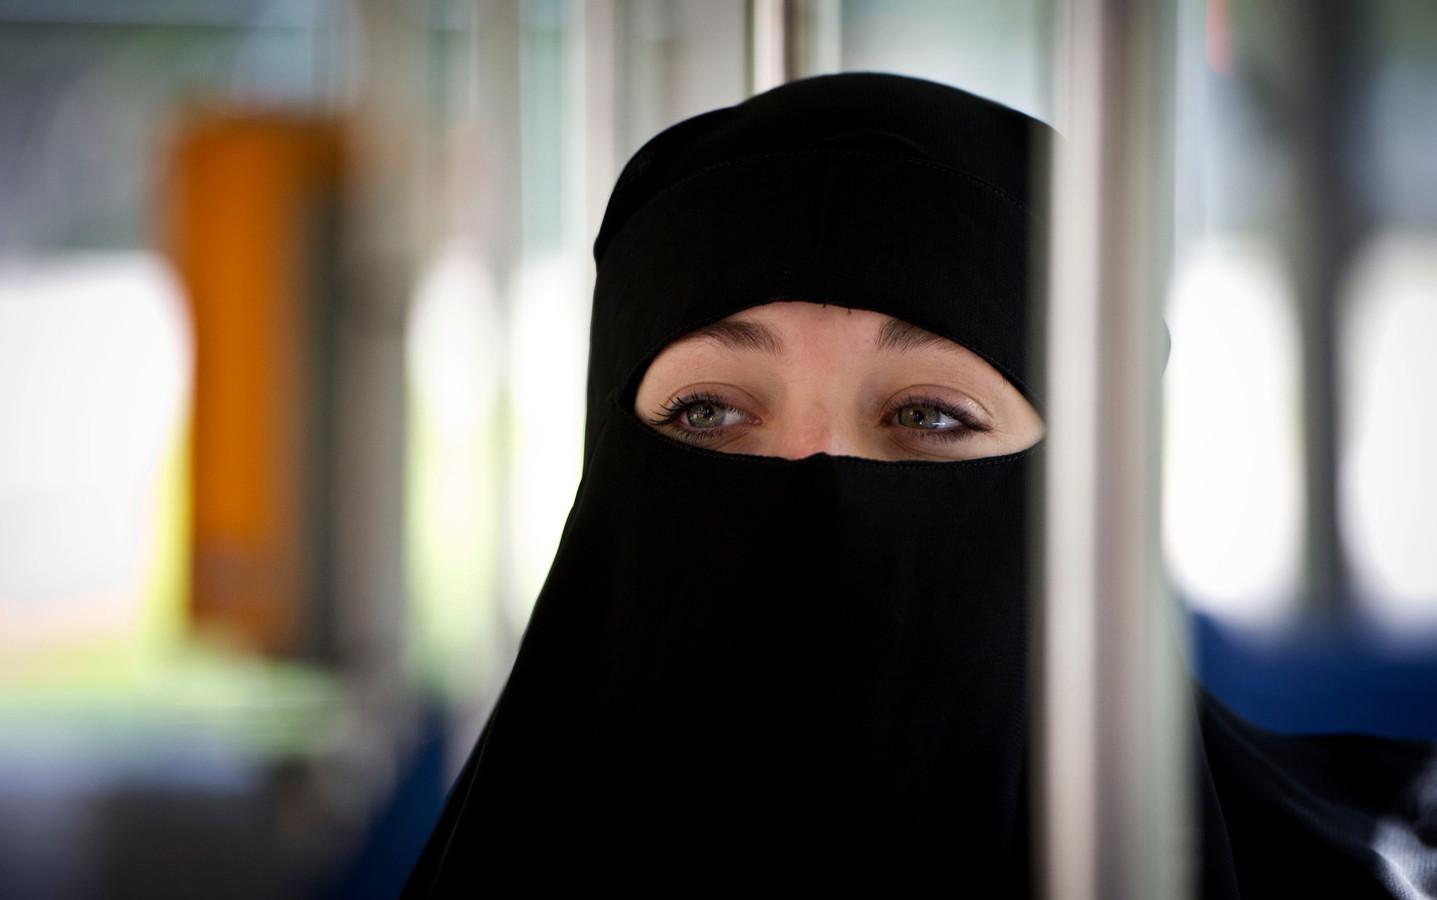 Het dragen van gezichtsbedekkende kleding is vanaf 1 augustus strafbaar.